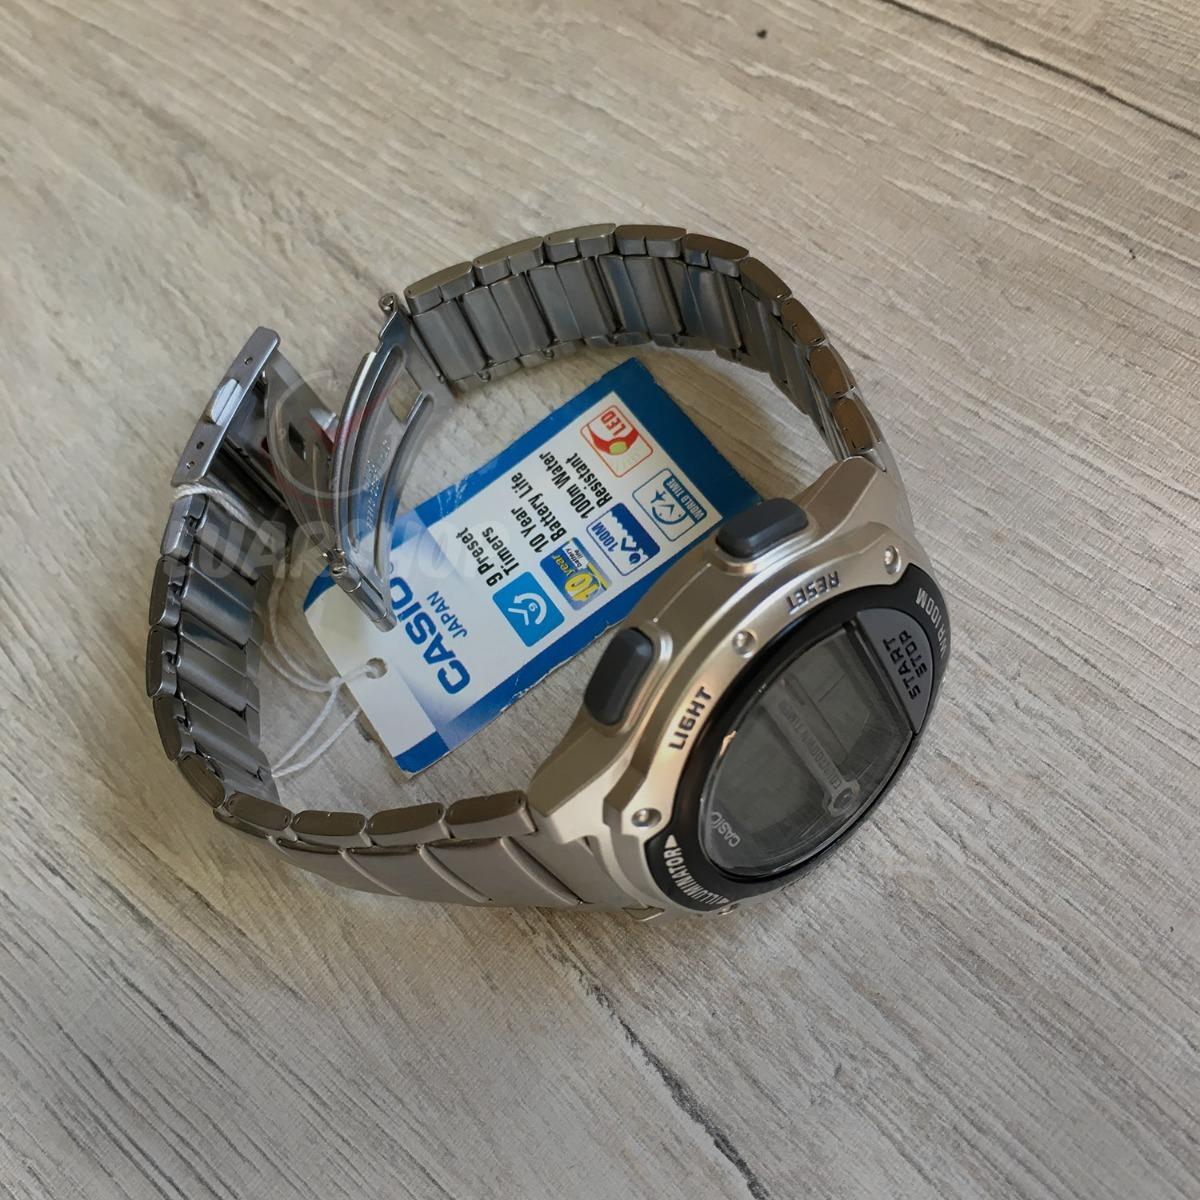 e7ddc63a80e relógio casio digital masculino w756d temporizador original. Carregando zoom...  relógio casio masculino. Carregando zoom.